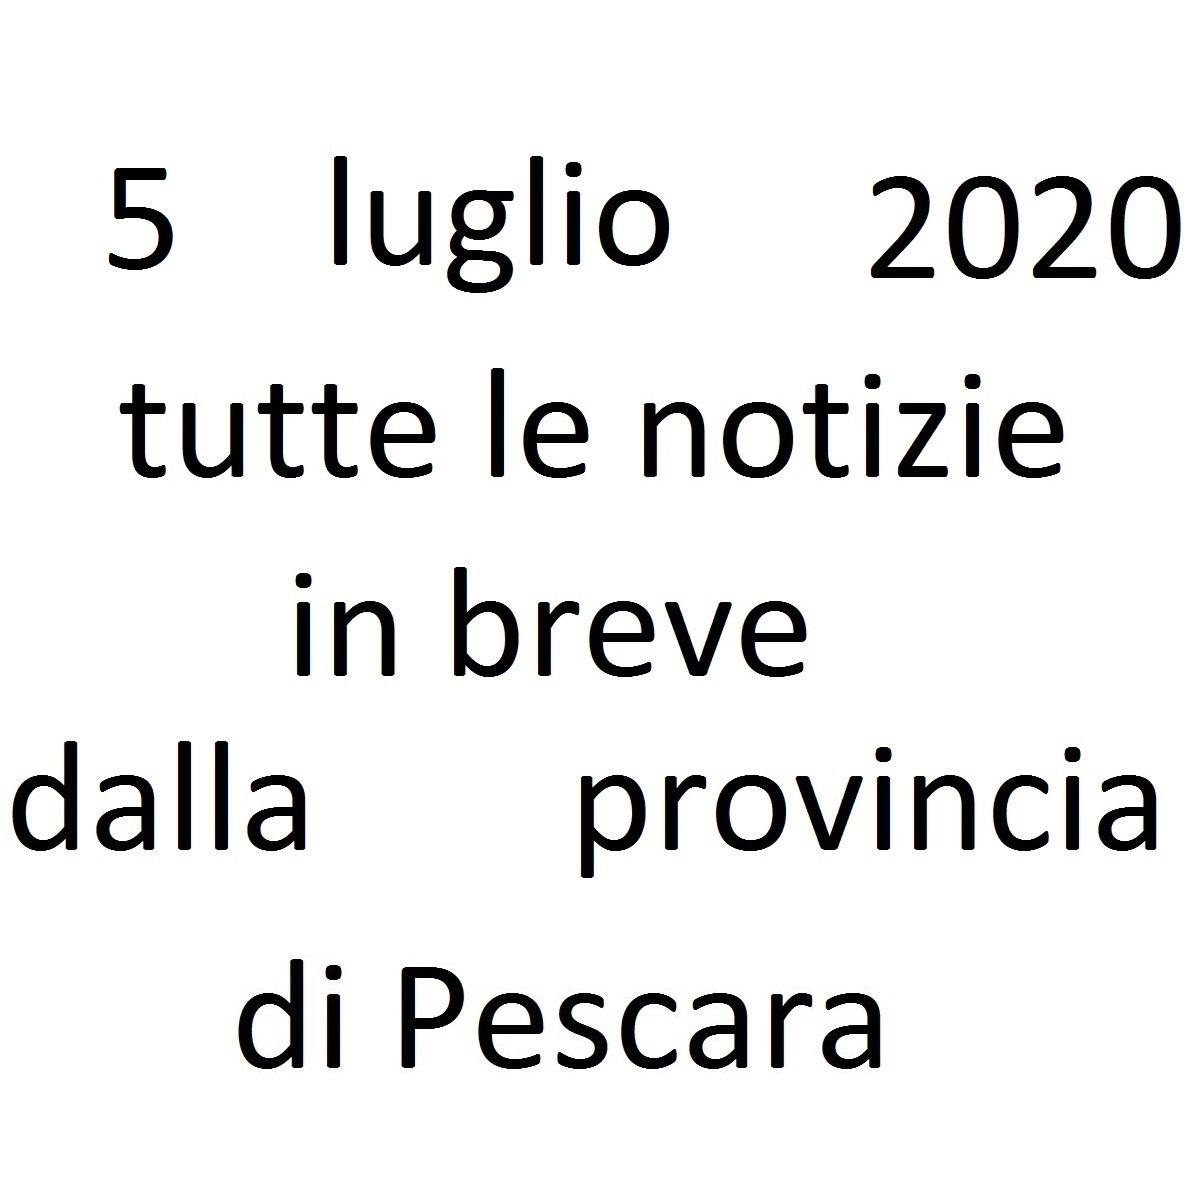 5 luglio 2020 notizie in breve dalla Provincia di Pescara foto